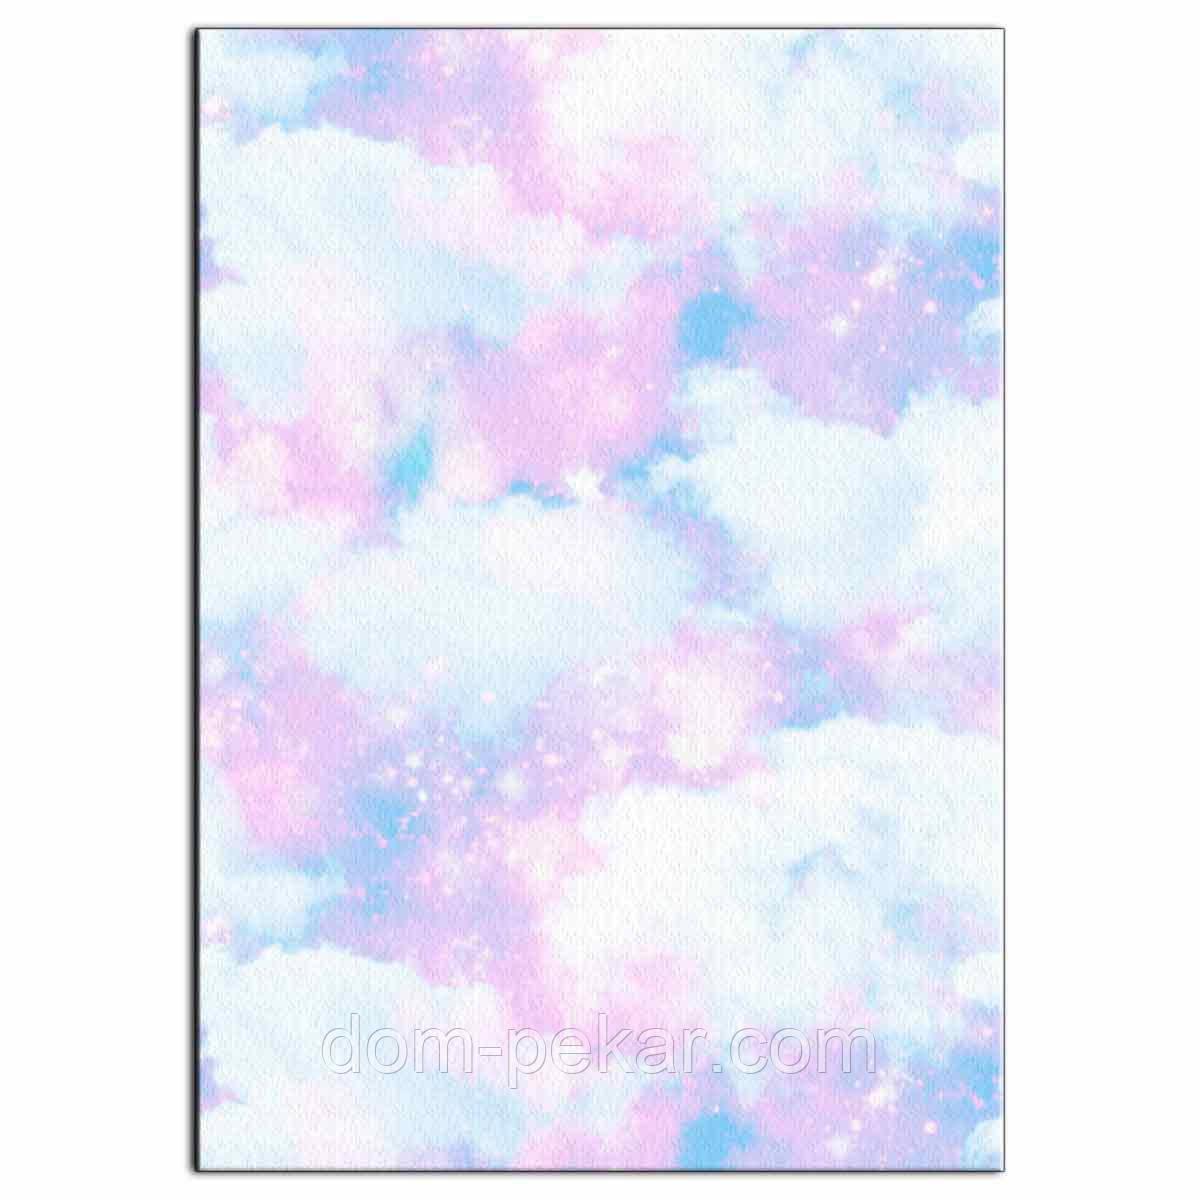 Фон для торта Облака-1 вафельная картинка